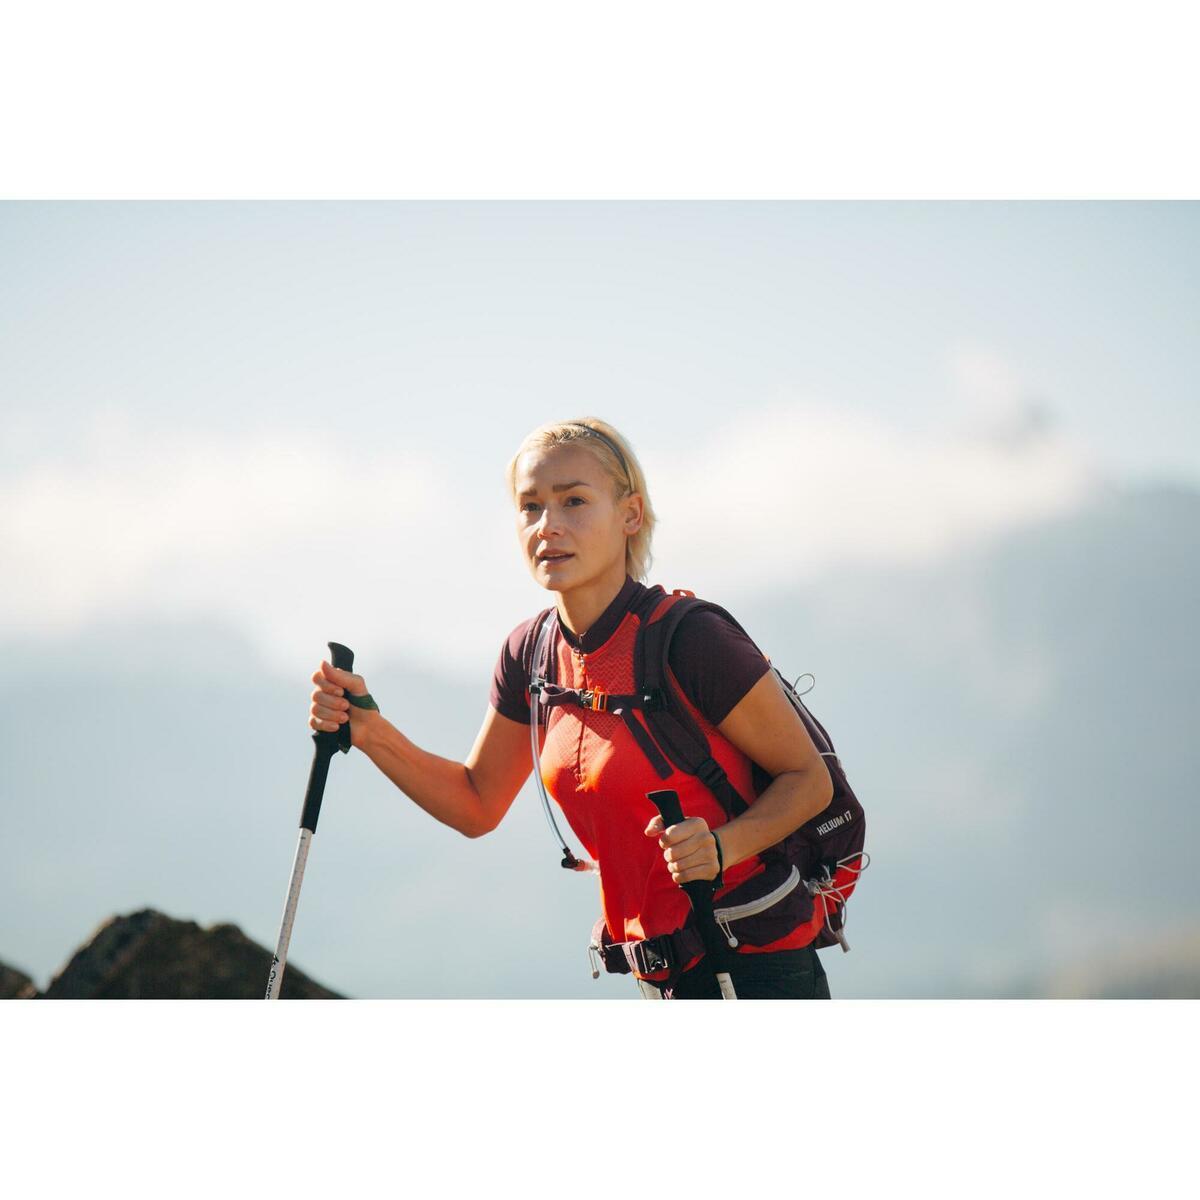 Bild 5 von Funktionsshirt Speed Hiking FH900 Damen rot/violett